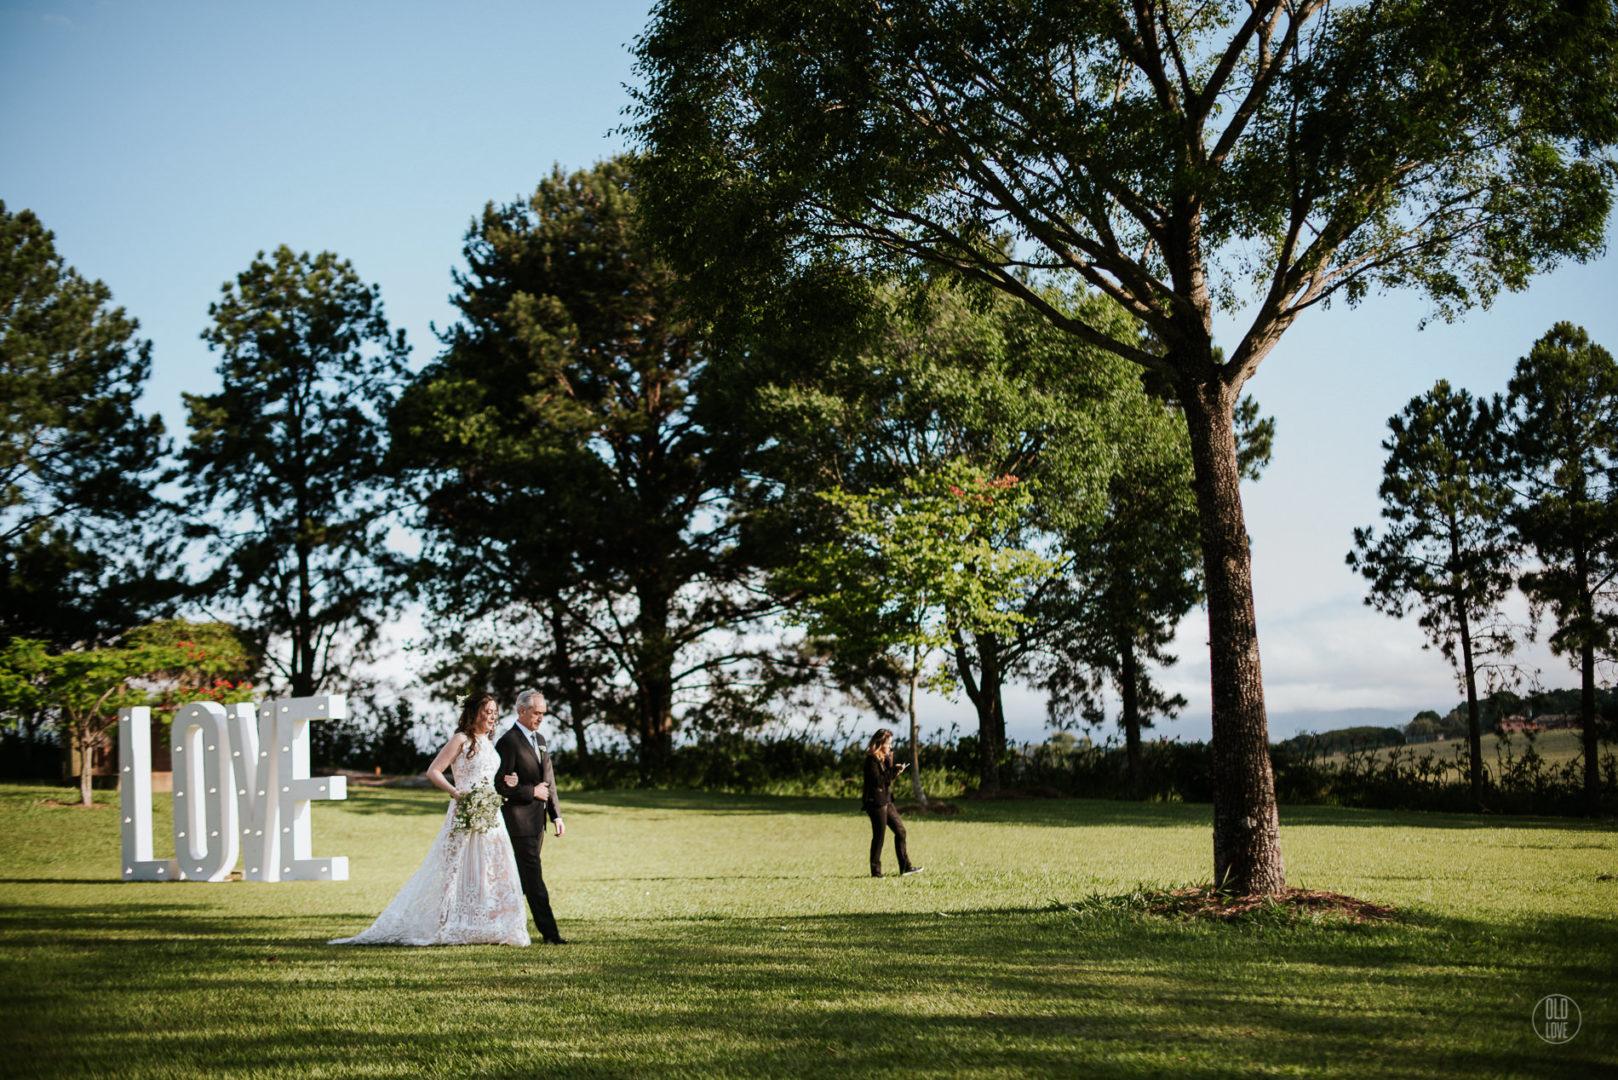 casamento no campo ao ar livre